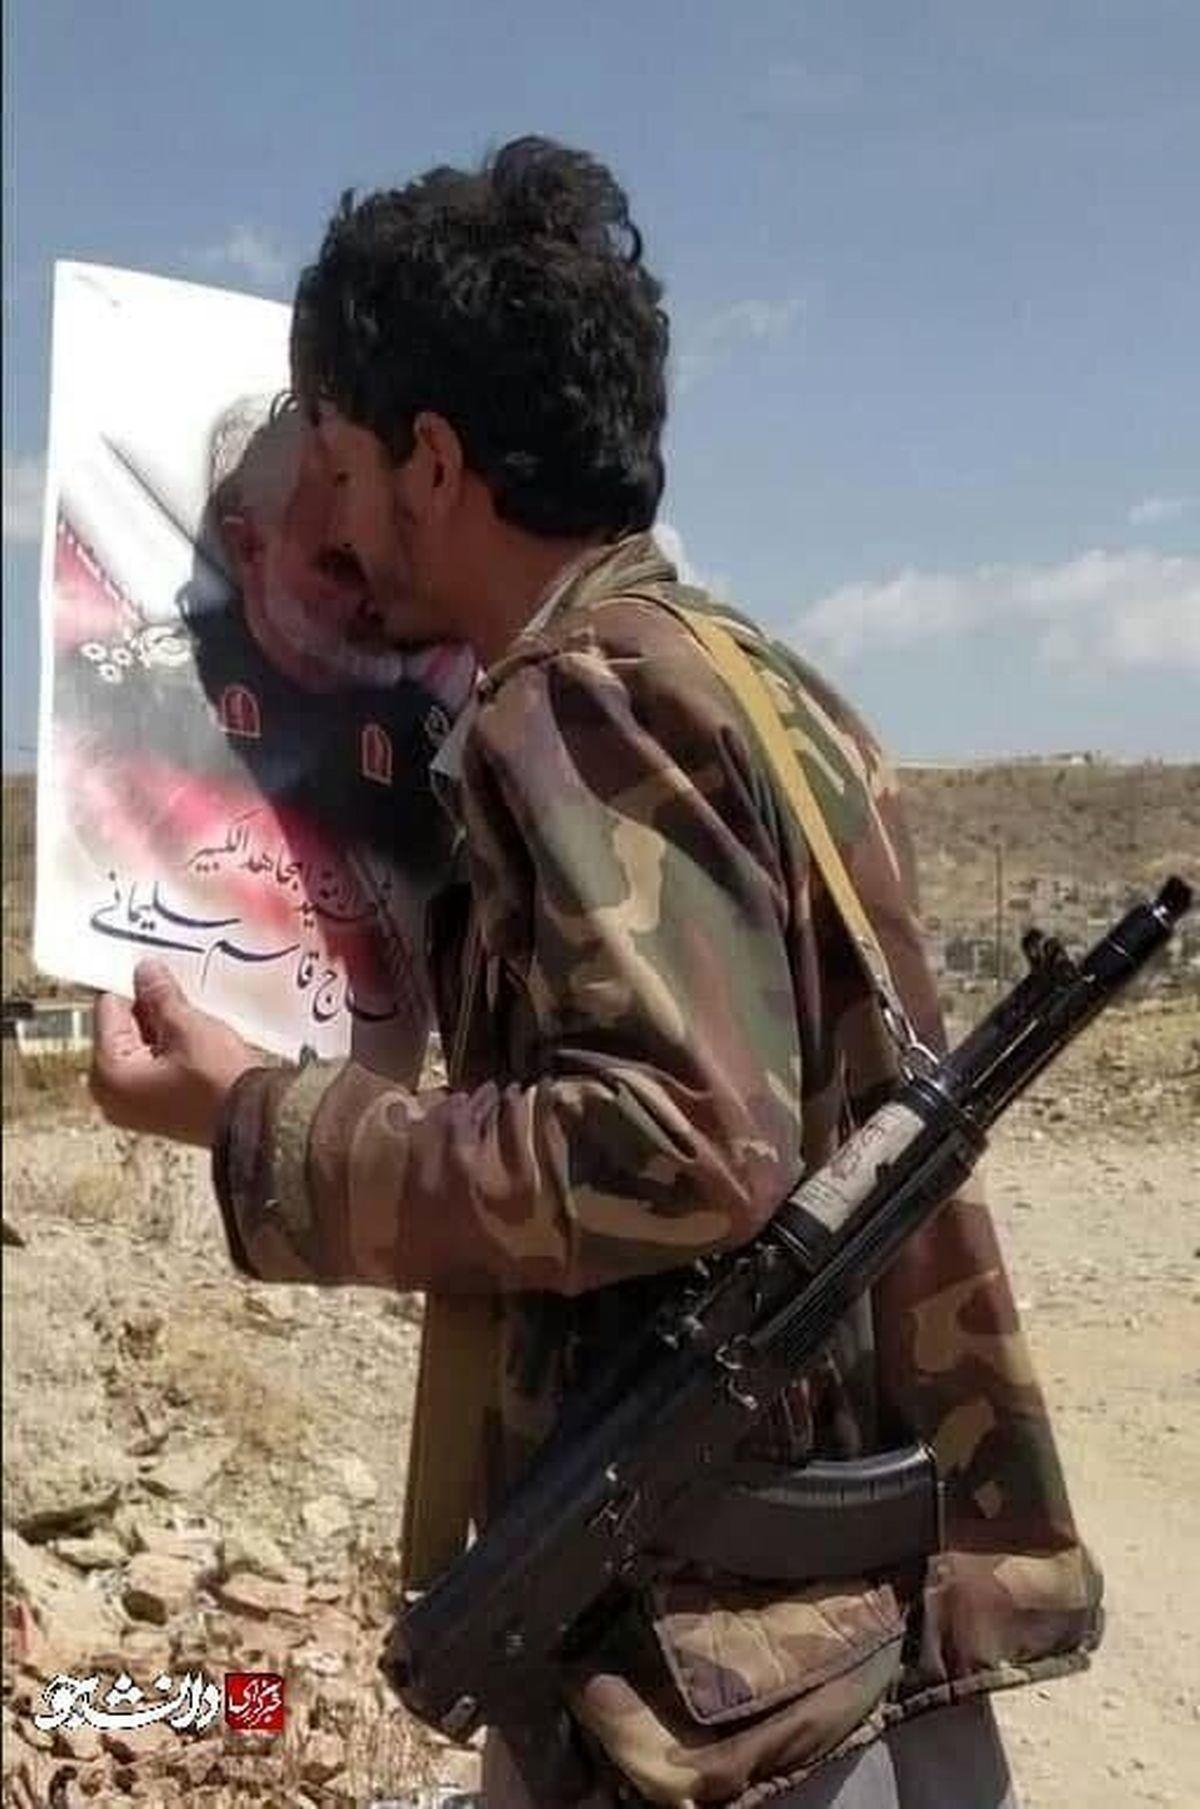 بوسه زیبا بر چهره سپهبد سلیمانی در مرز عربستان